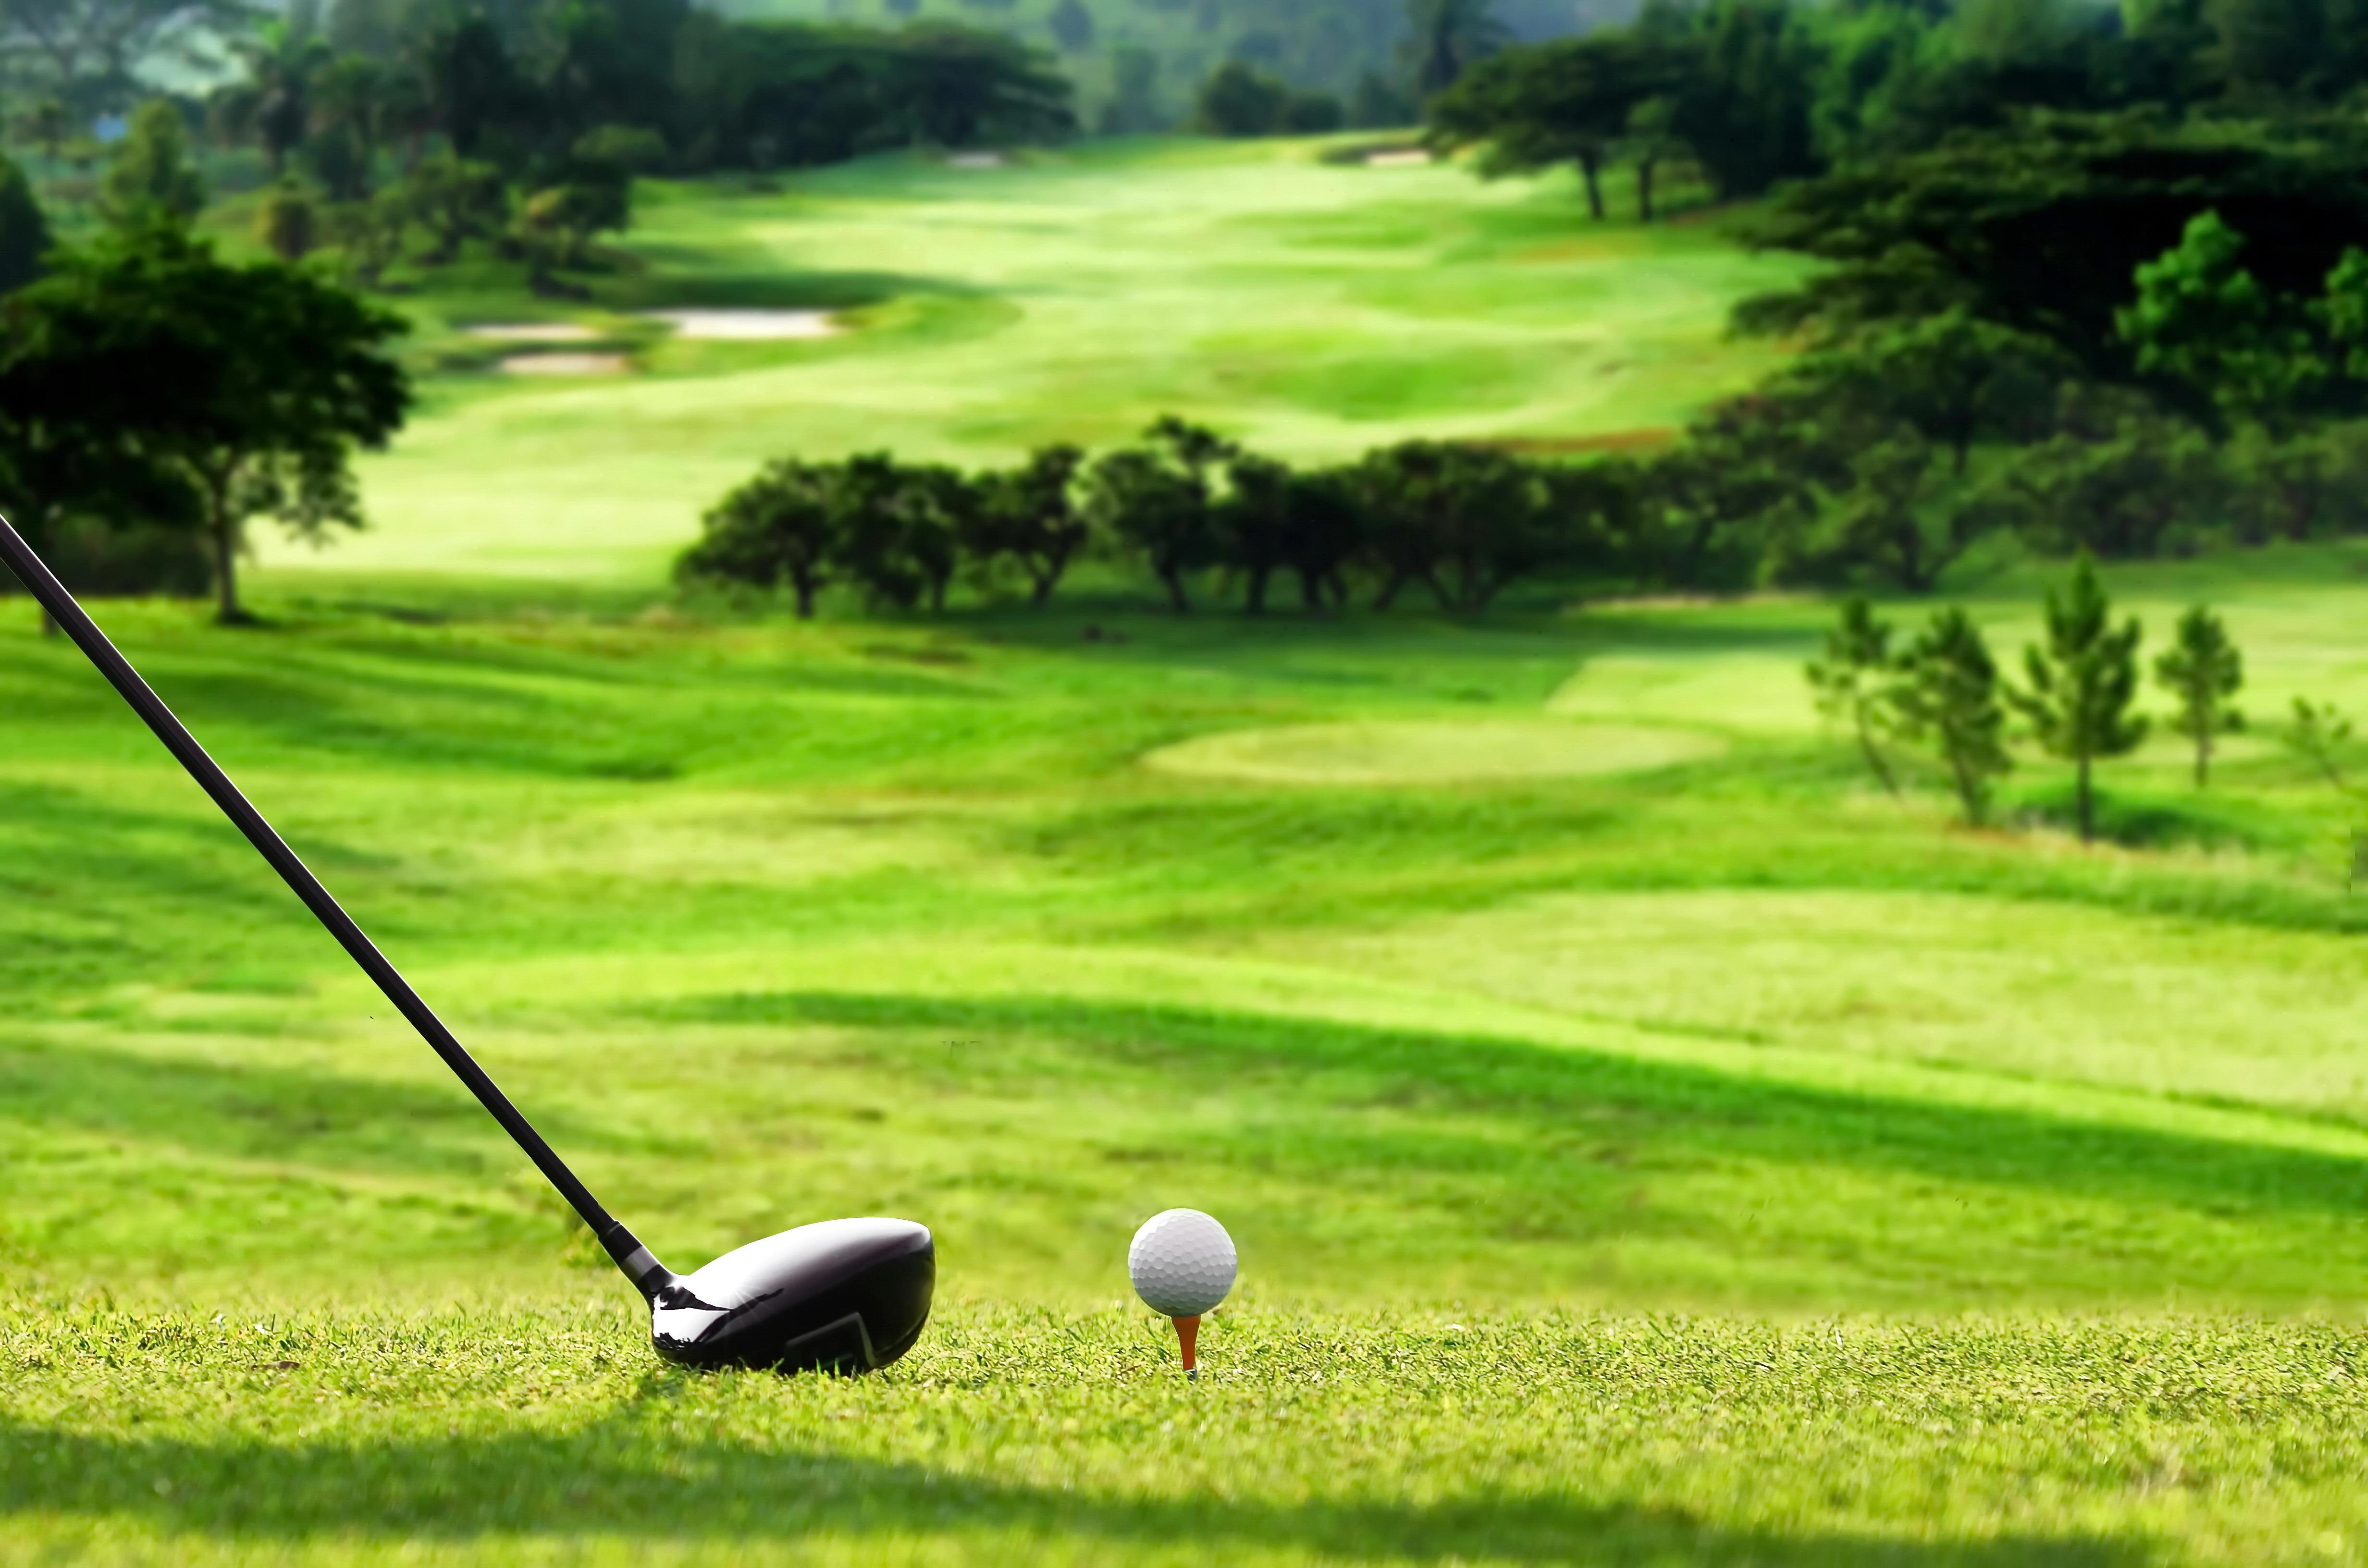 golf ball industry essay